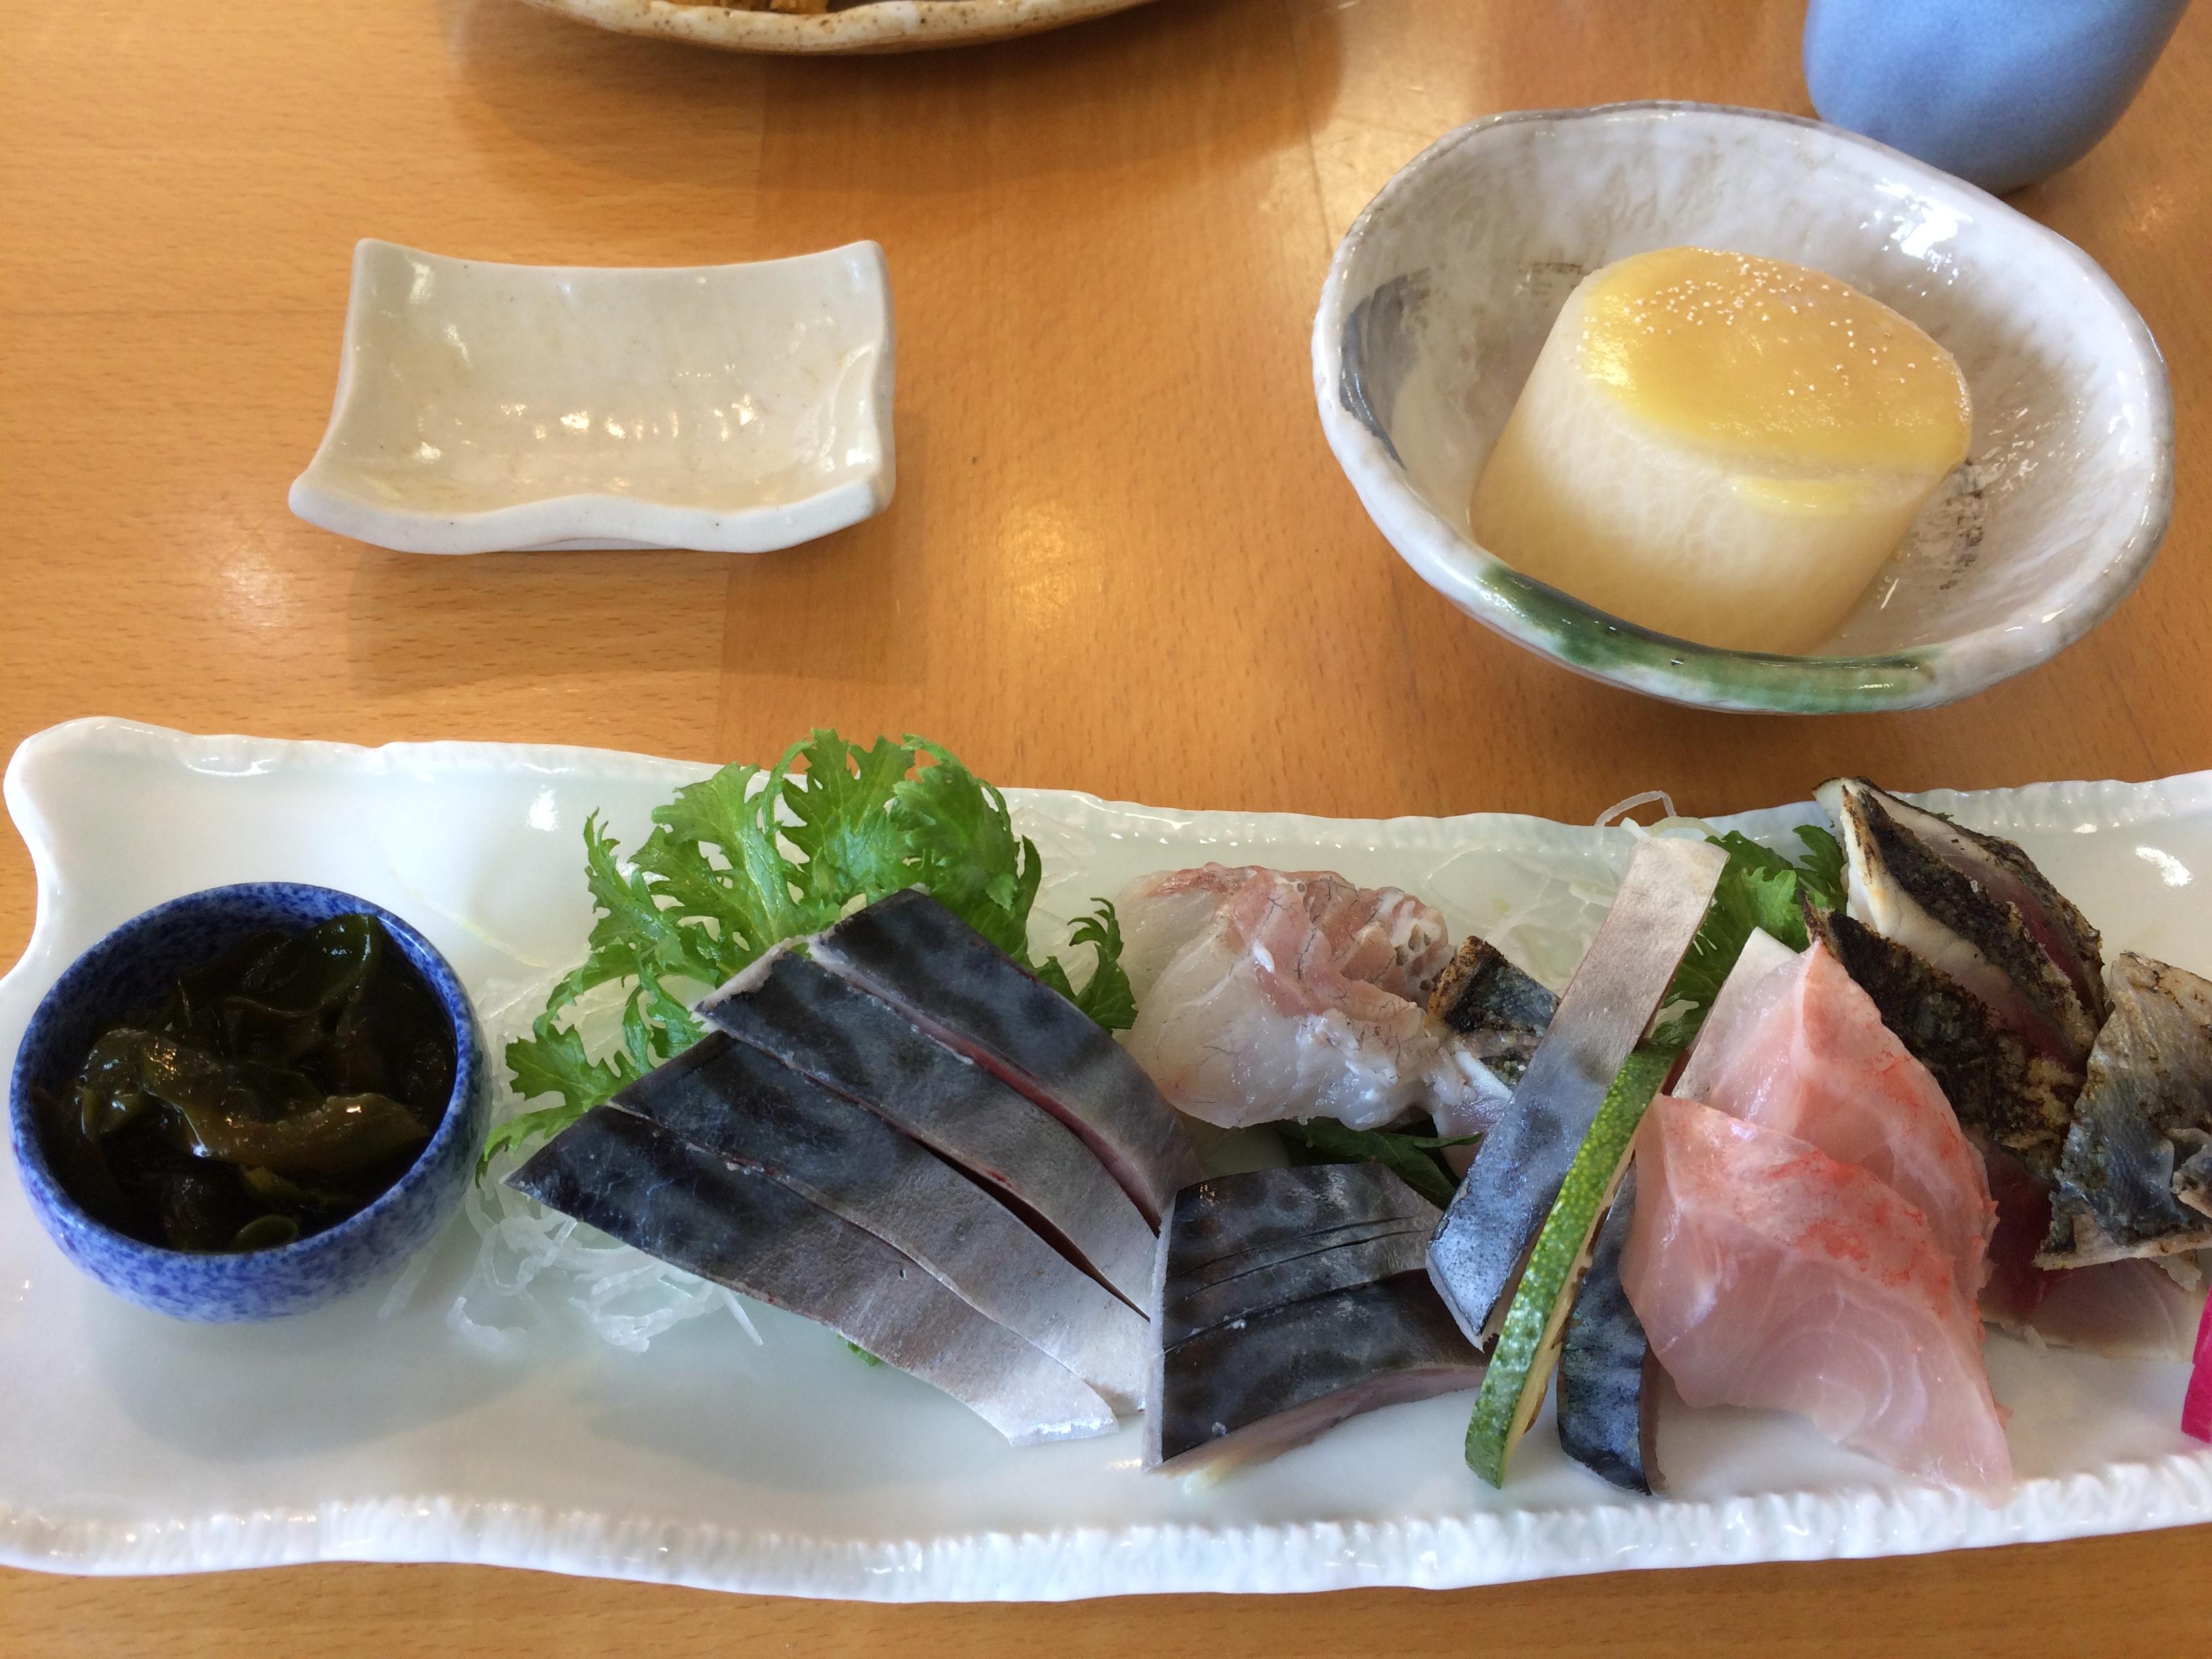 三浦半島に松和鯖を食べにいくツーリング!